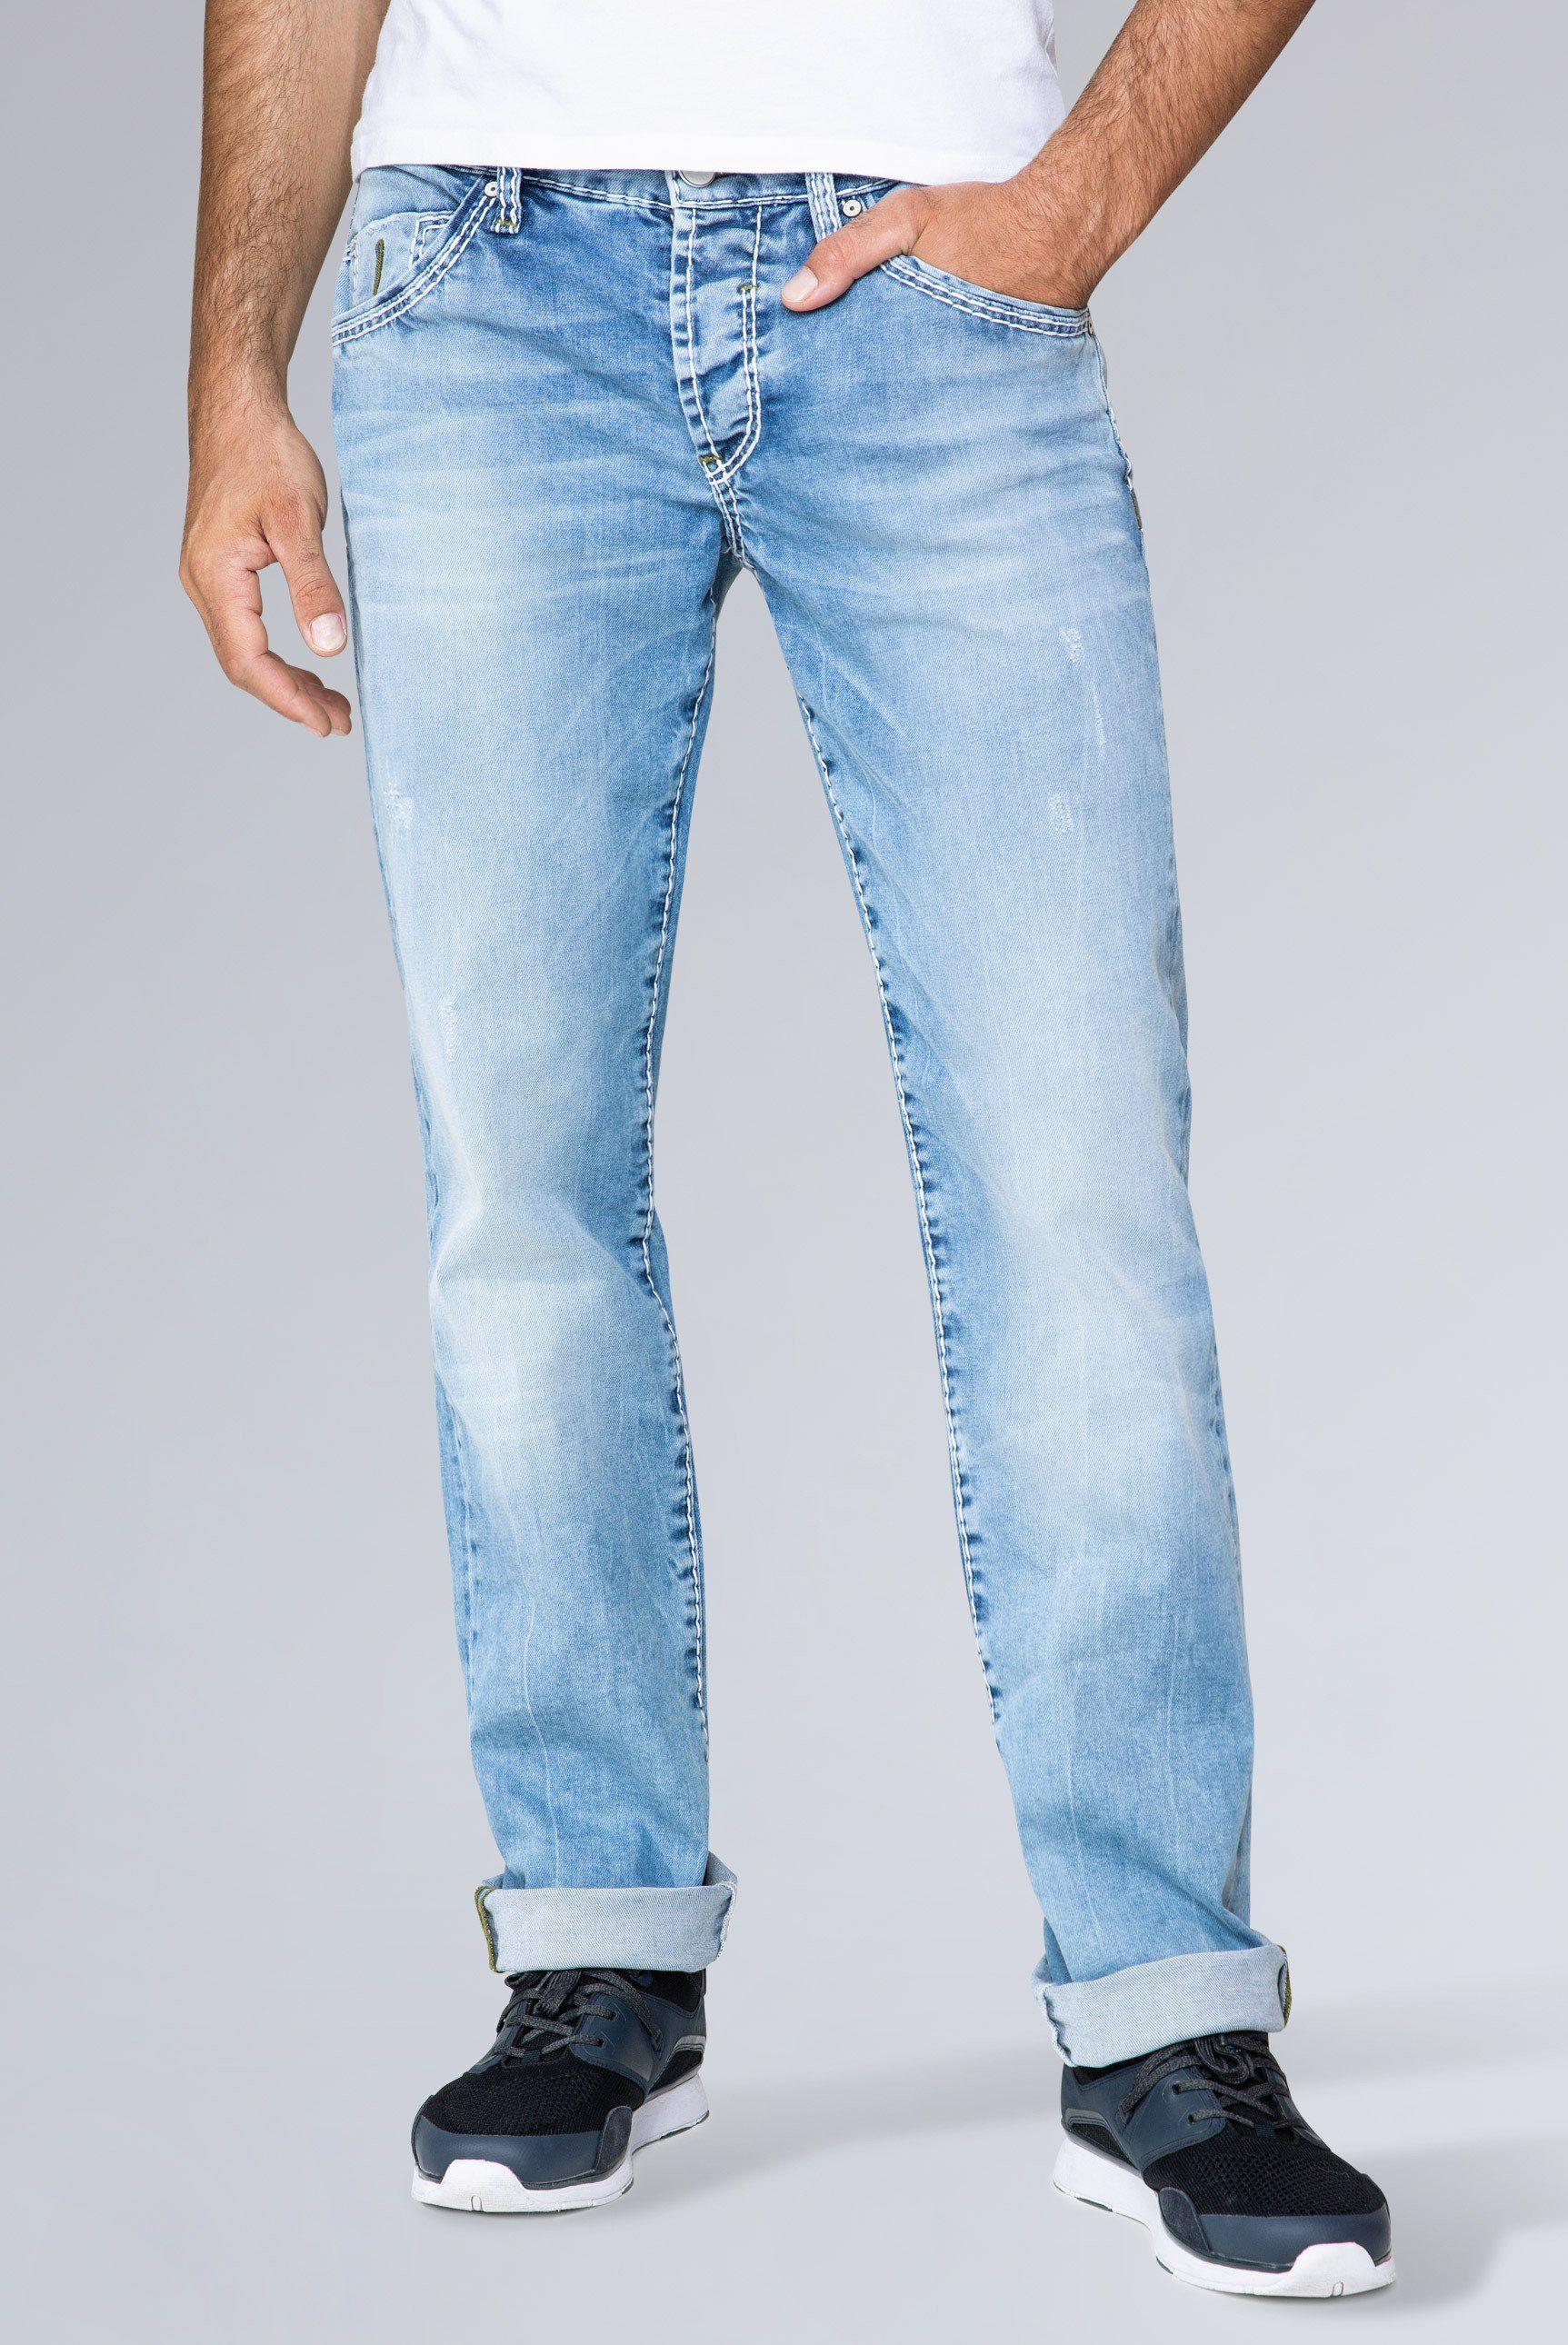 CAMP DAVID 5 Pocket Jeans »NI:CO« mit Stretch Anteil online kaufen | OTTO